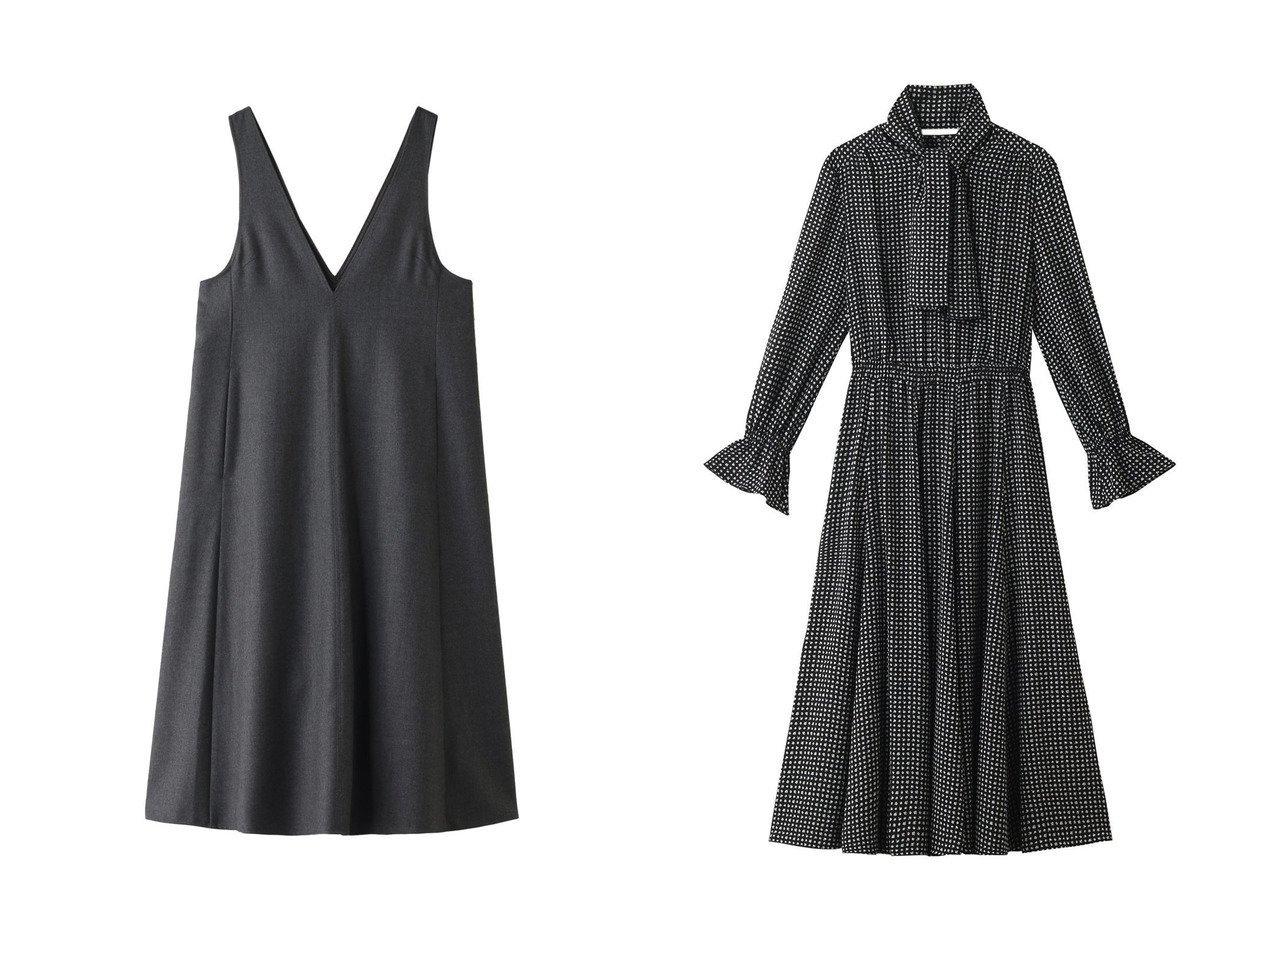 【ANAYI/アナイ】のウールフラノジャンパースカートワンピース&モノトーンPTフレアワンピース ワンピース・ドレスのおすすめ!人気、レディースファッションの通販  おすすめで人気のファッション通販商品 インテリア・家具・キッズファッション・メンズファッション・レディースファッション・服の通販 founy(ファニー) https://founy.com/ ファッション Fashion レディース WOMEN ワンピース Dress シンプル ロング  ID:crp329100000004260